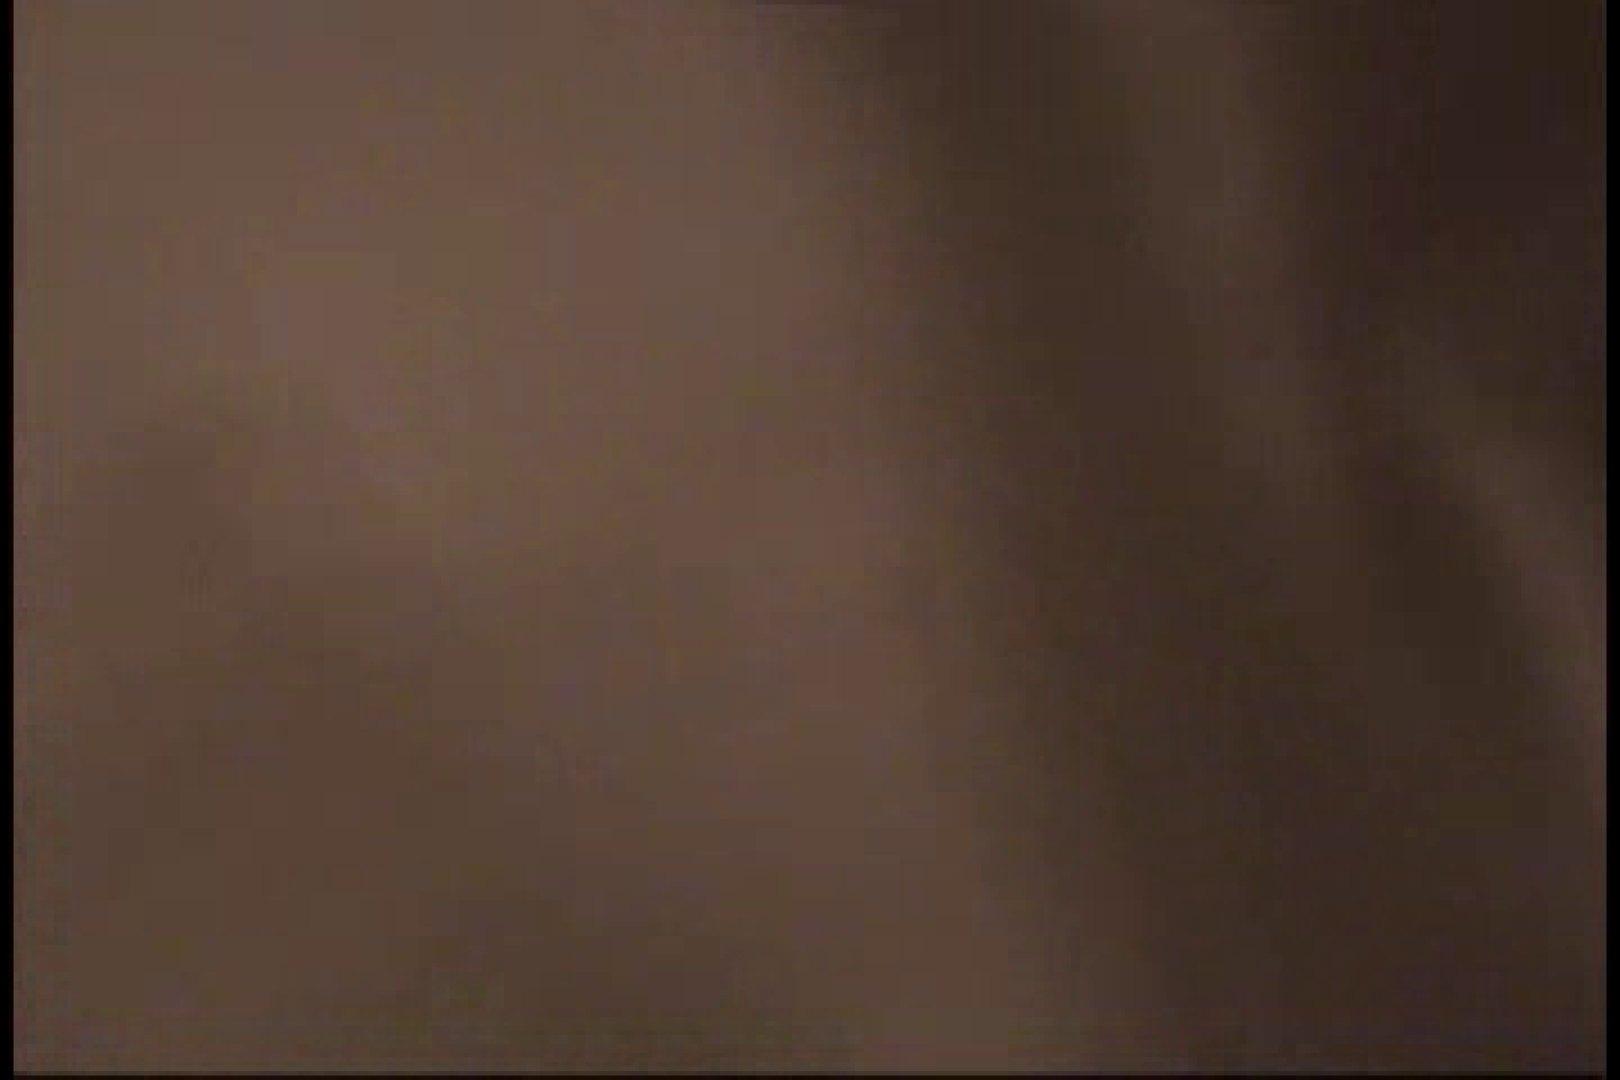 三ッ星シリーズ!!陰間茶屋独占!!第二弾!!イケメン羞恥心File.01 ノンケ君達の・・ 尻マンコ画像 92枚 87